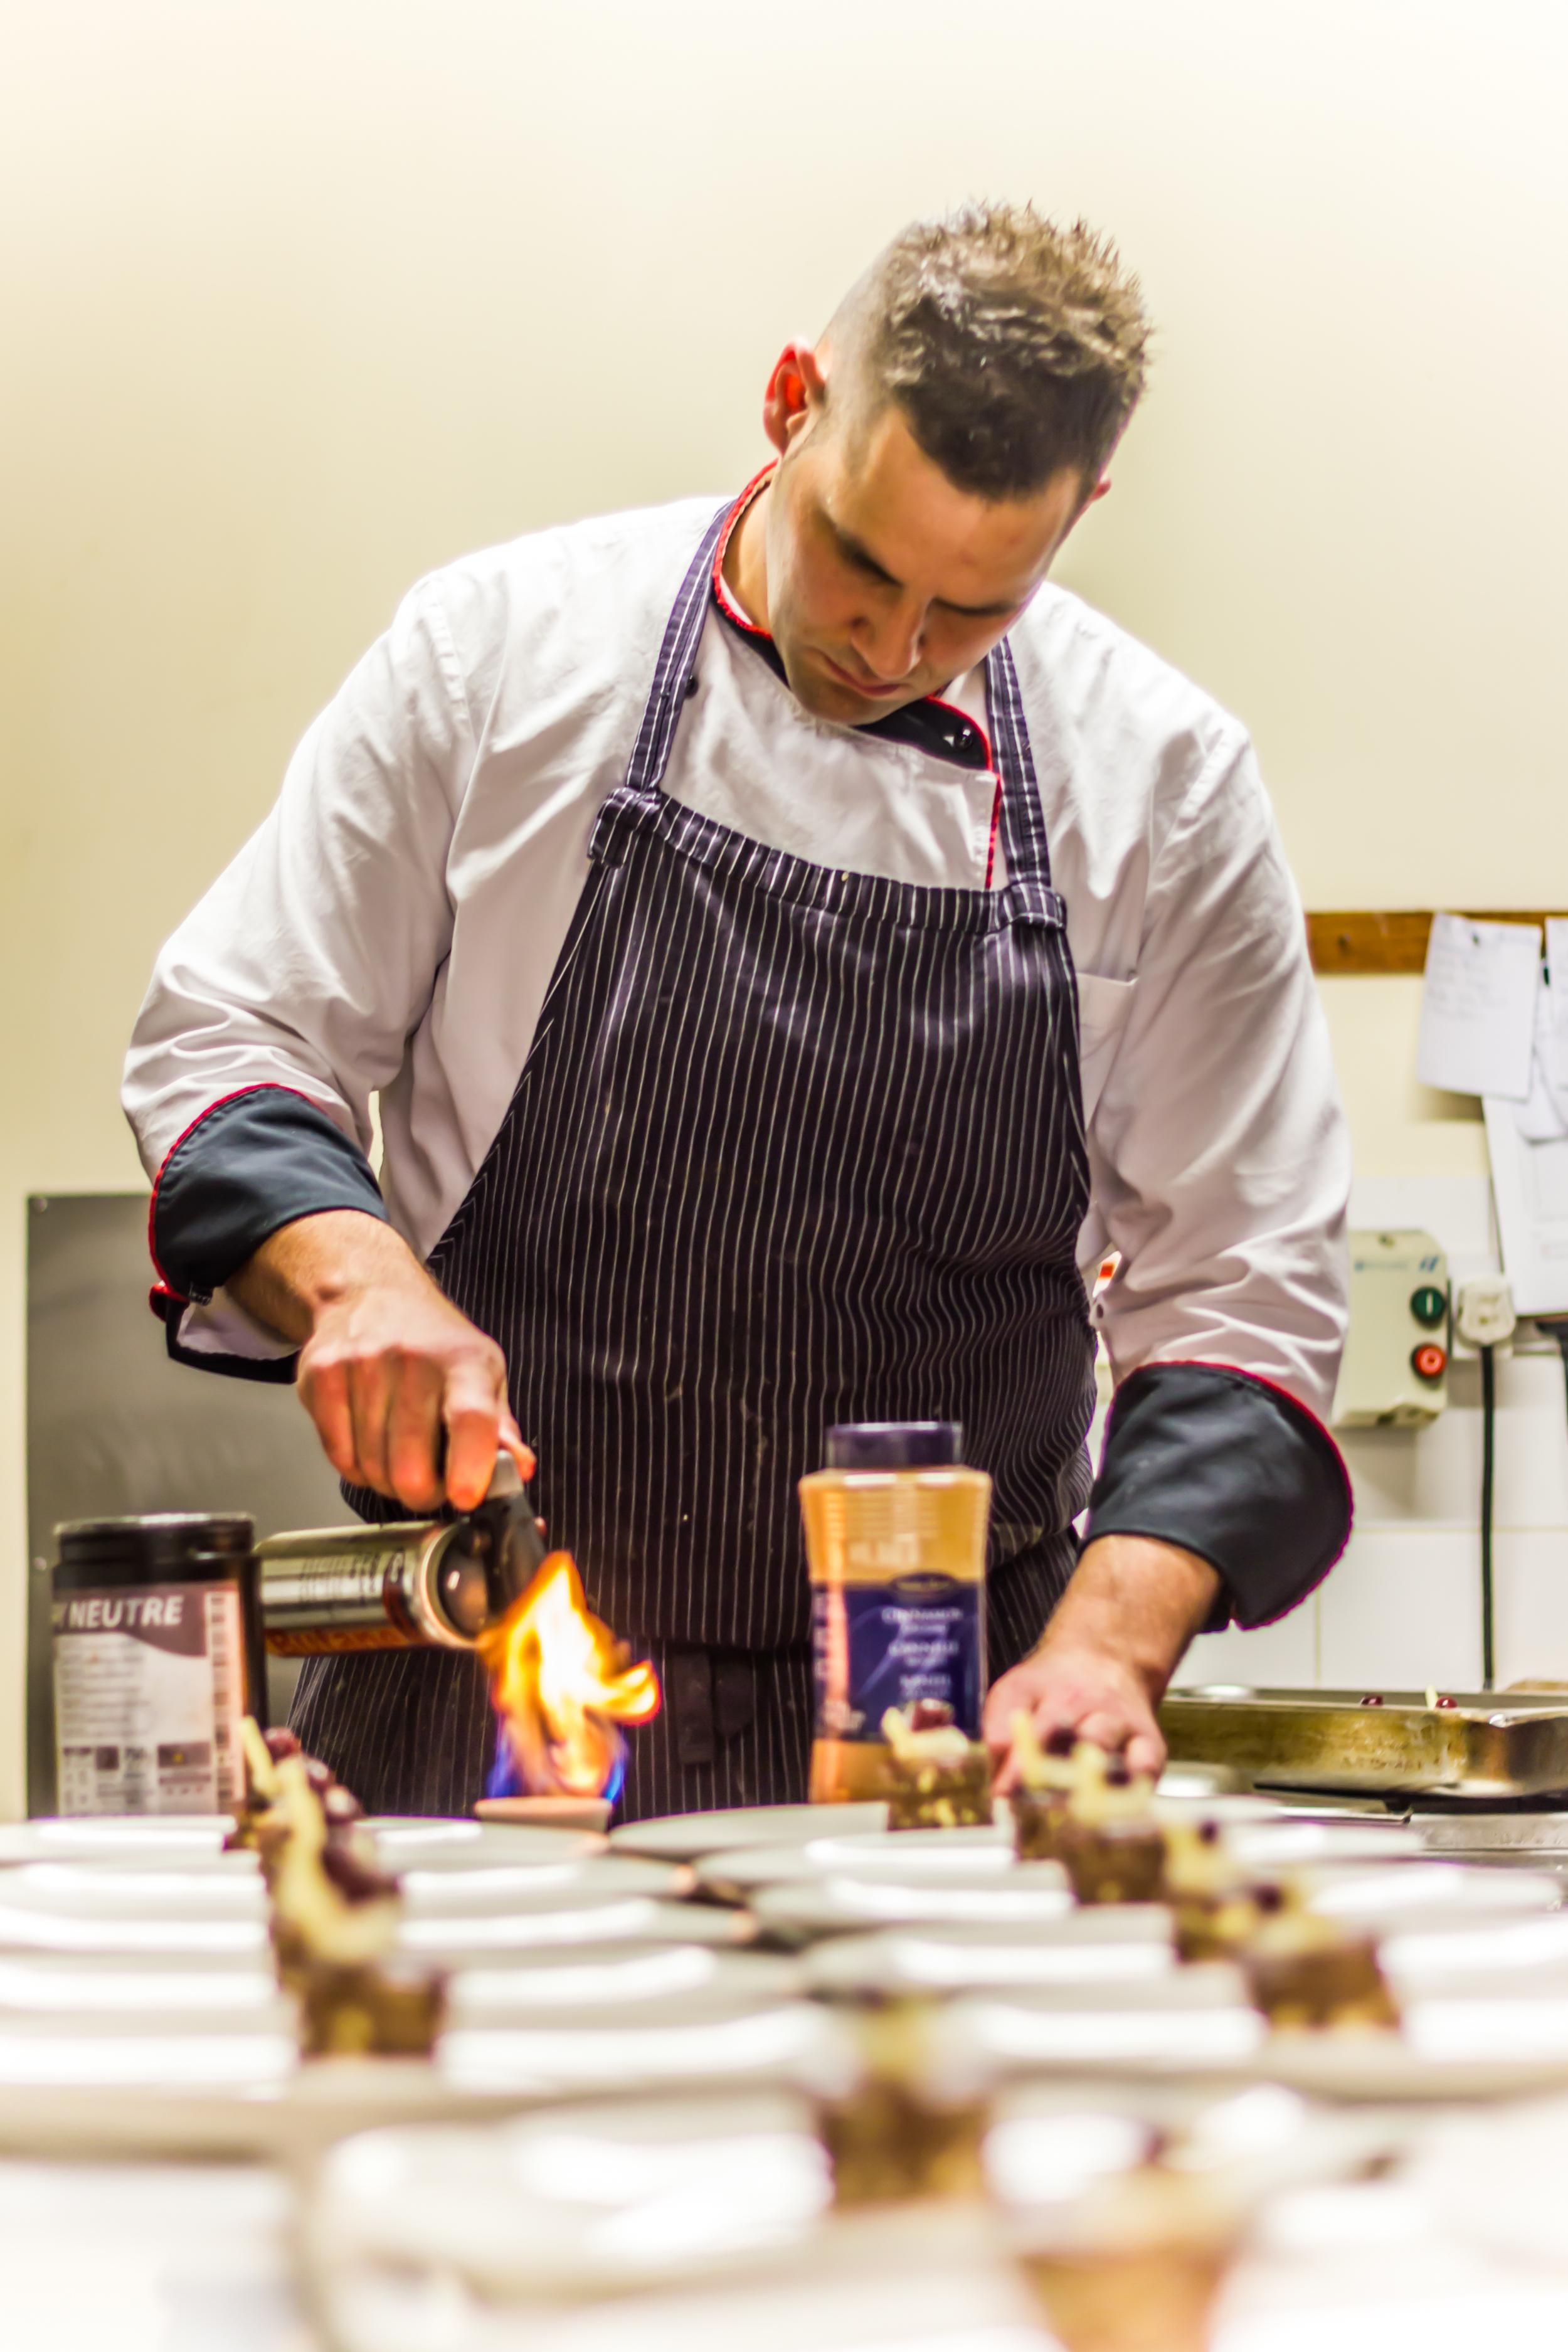 Head chef at Seasons Restaurant, Tobias   Streinetberger